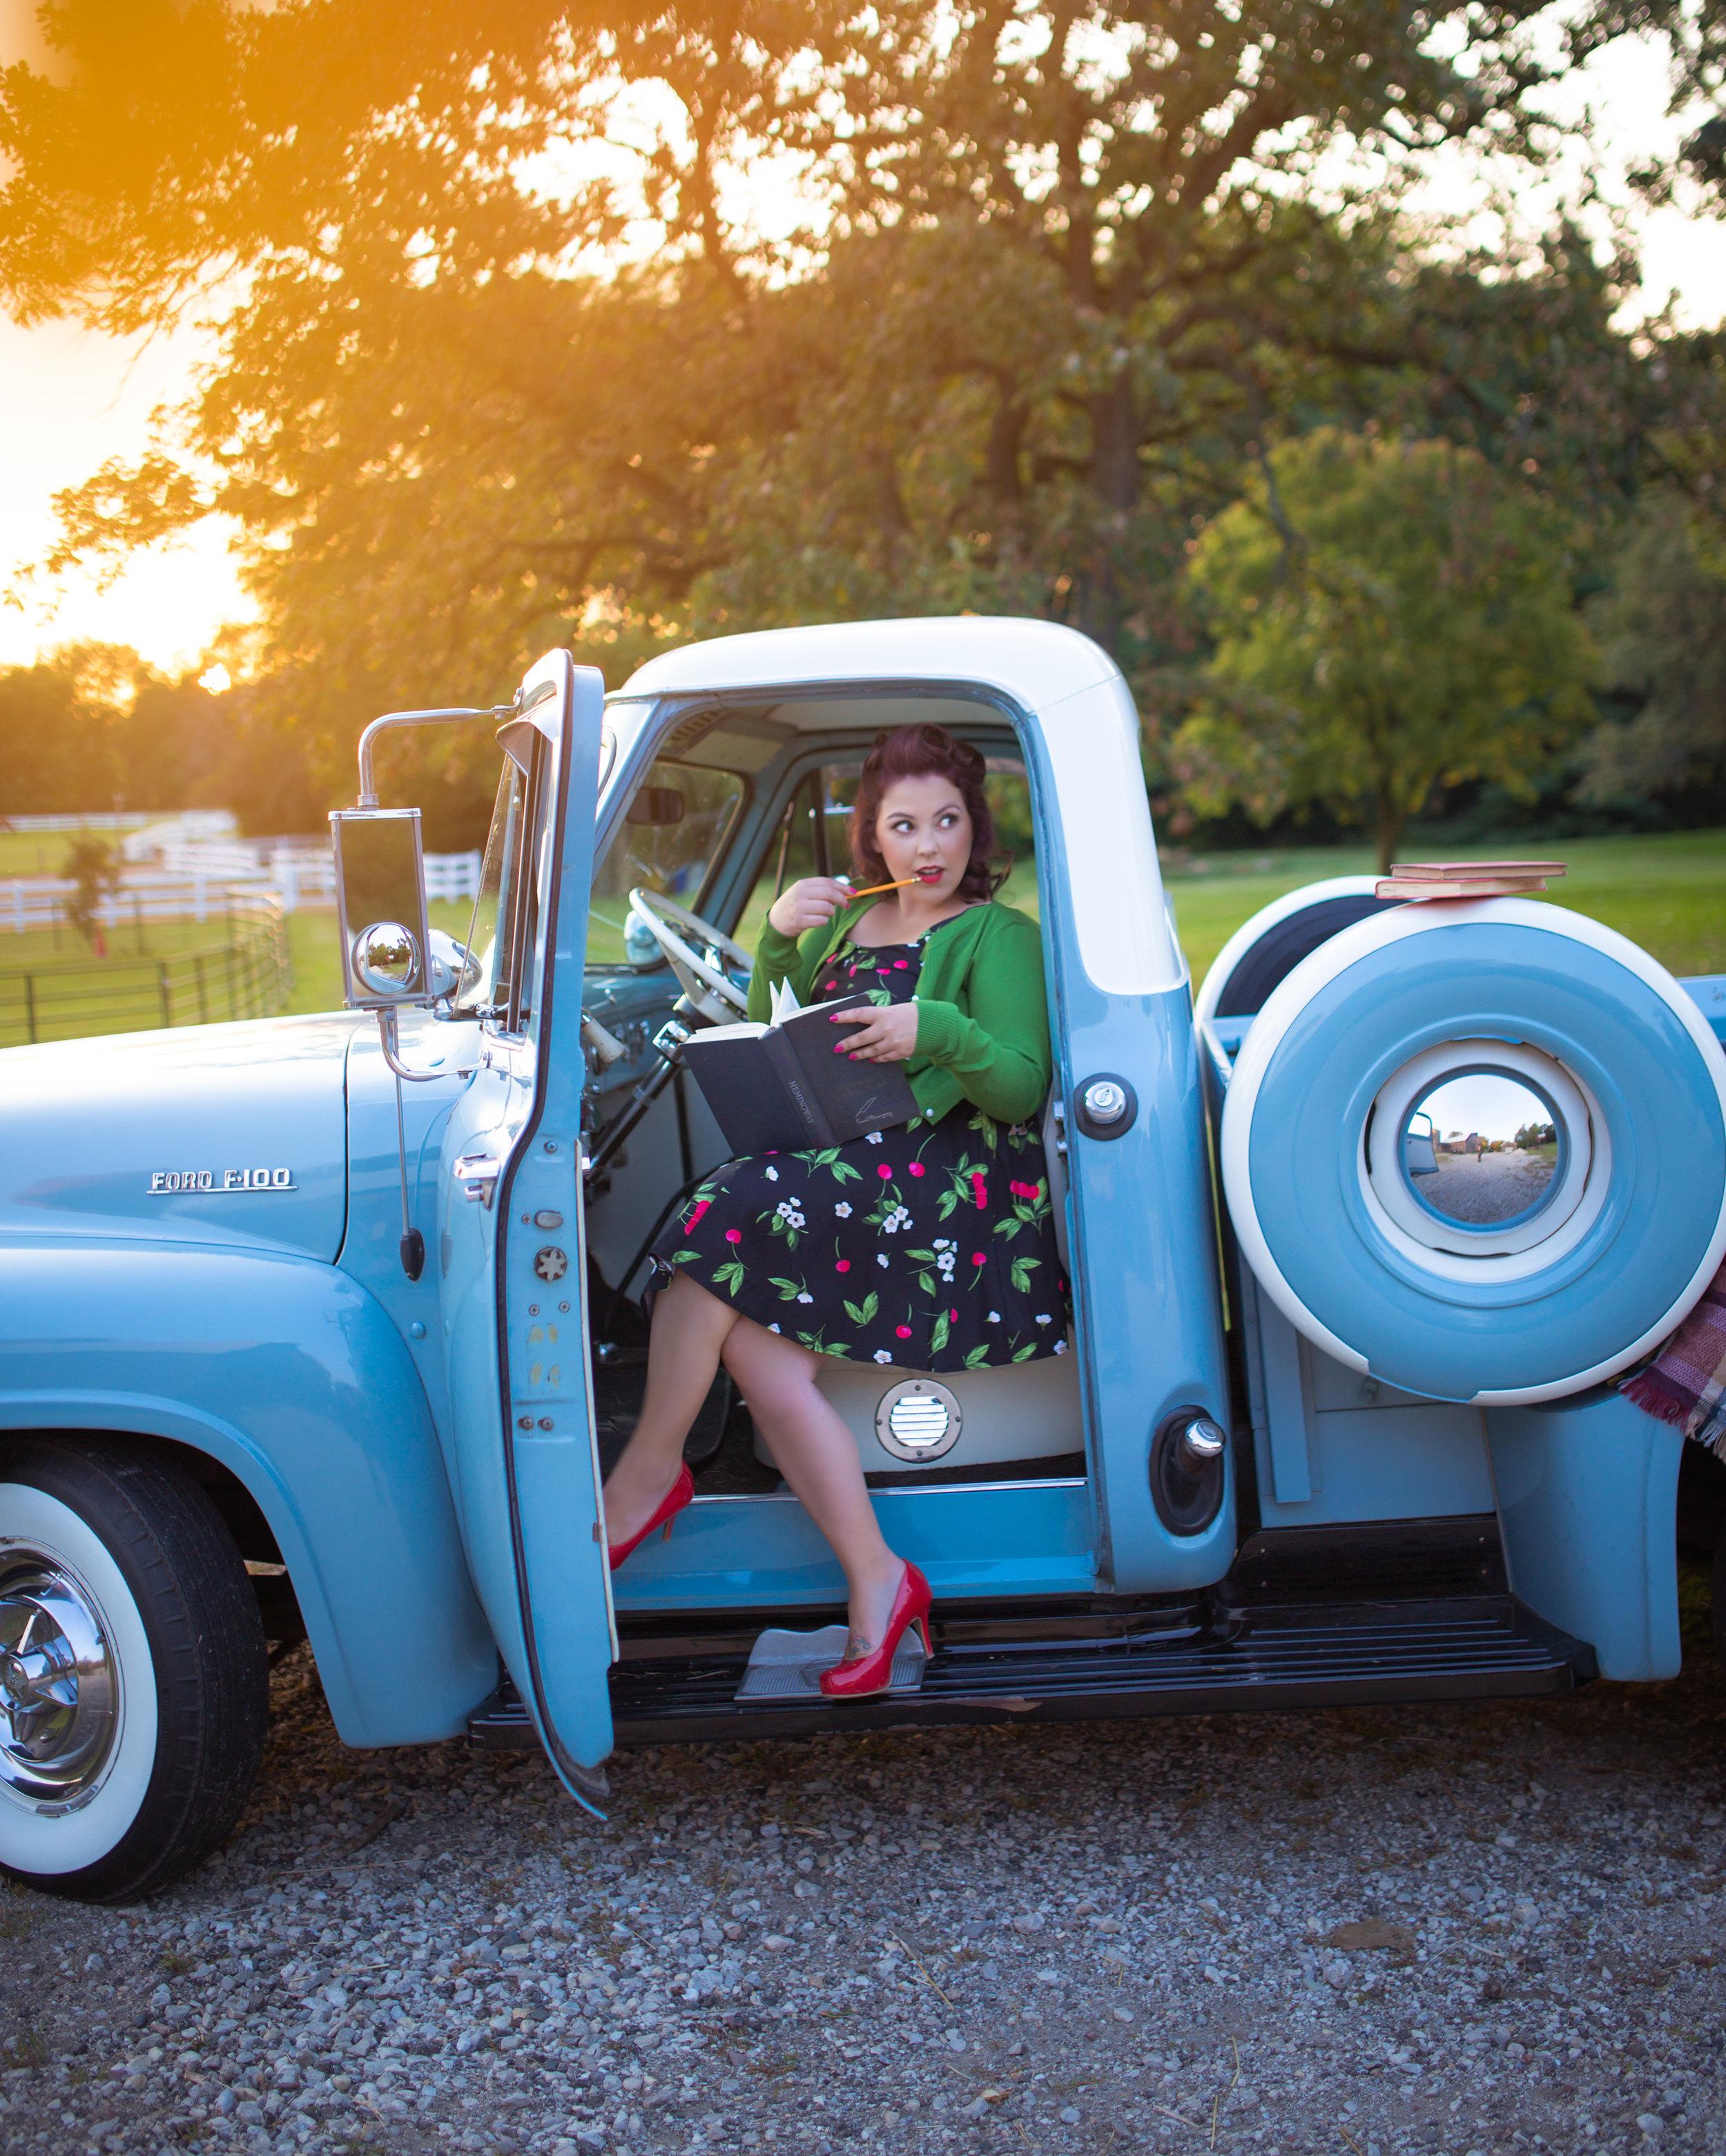 Meet your photographer, Jillian!